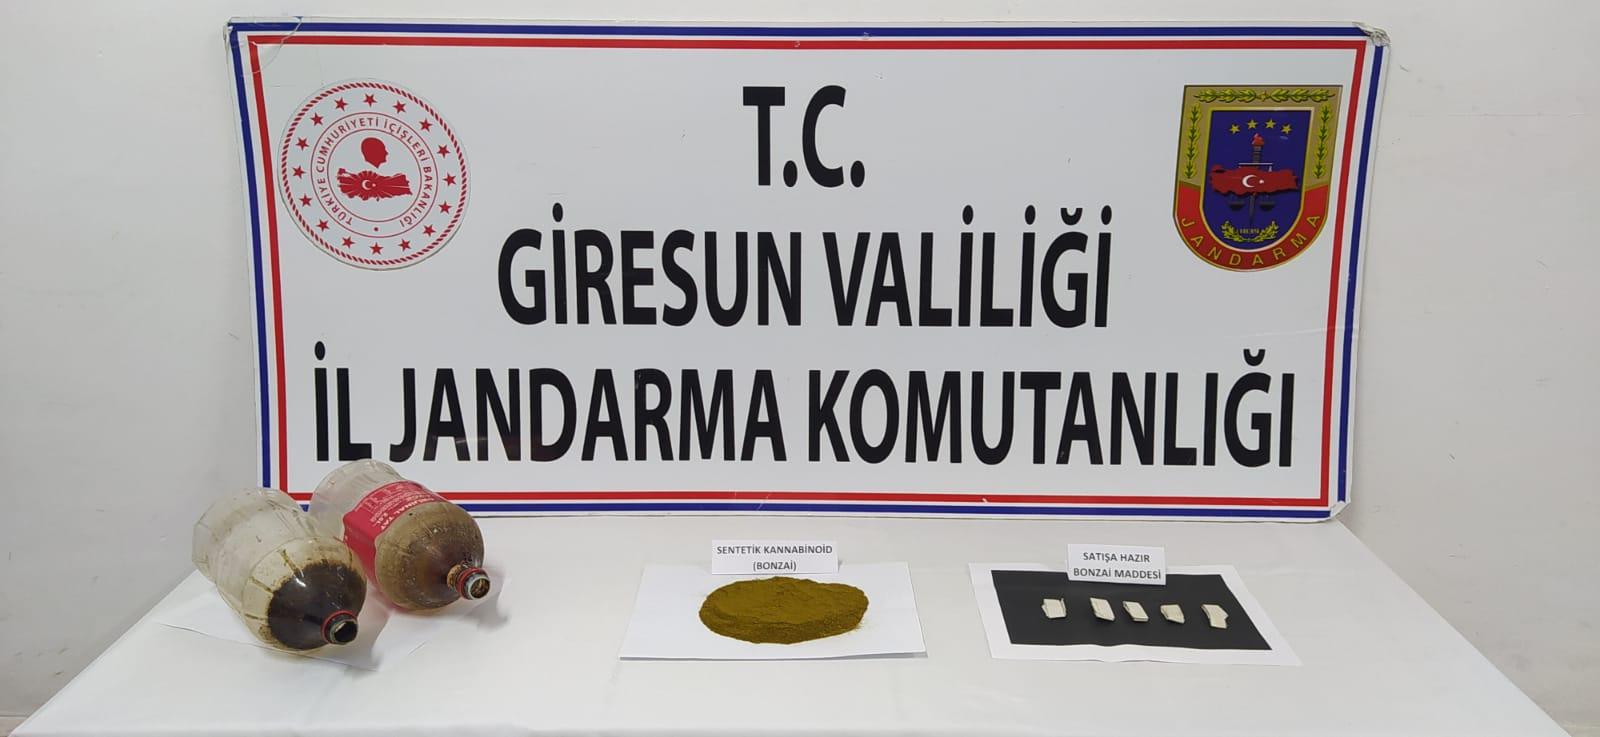 GÖRELE'DE 70 GRAM BONZAİ ELE GEÇİRİLDİ